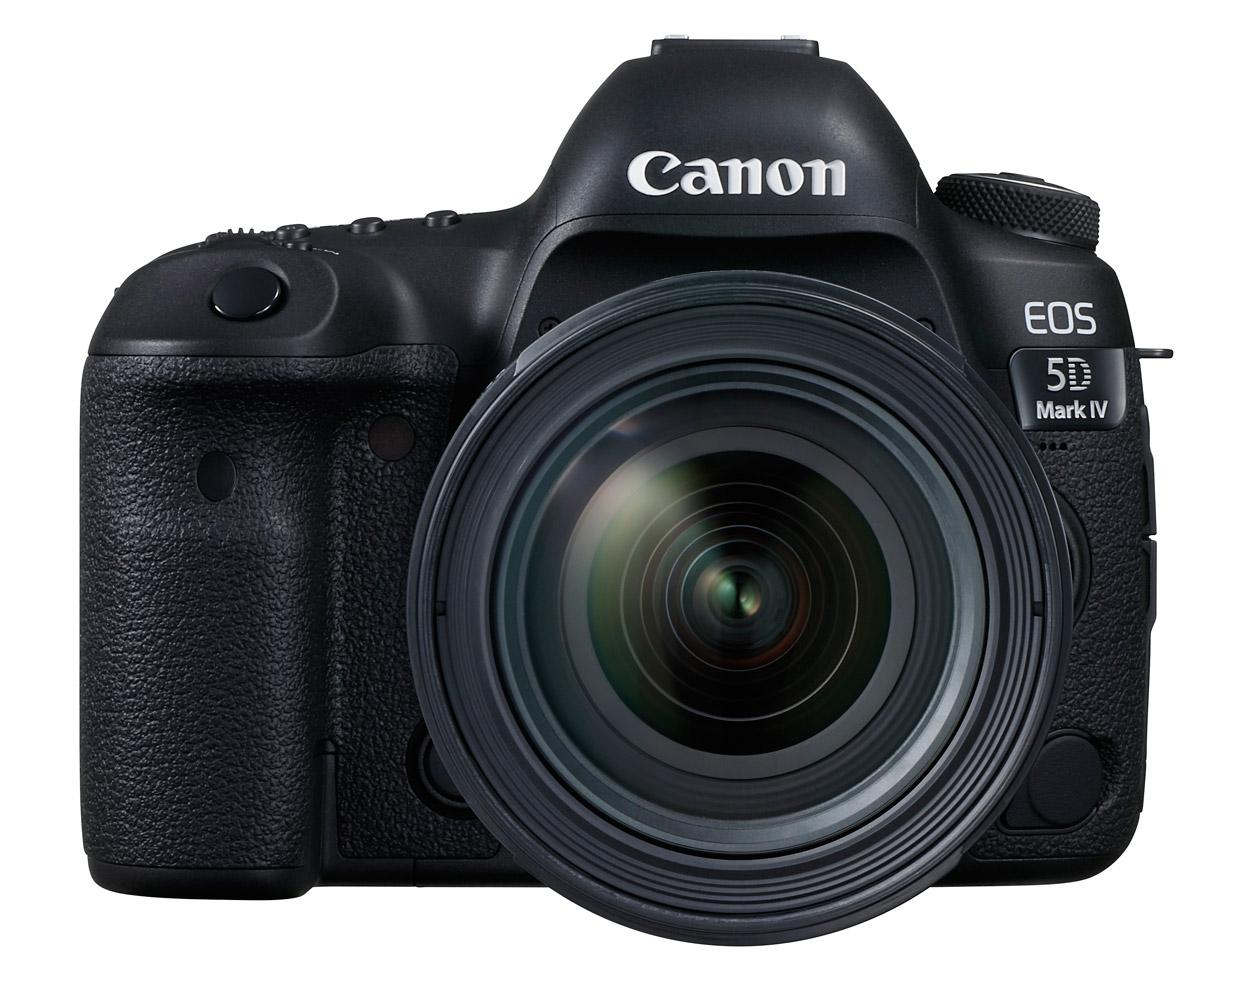 EOS 5D Mark IV – модели четвертого поколения в линейке полнокадровых зеркальных камер для профессиональных фотографов и энтузиастов фотографии